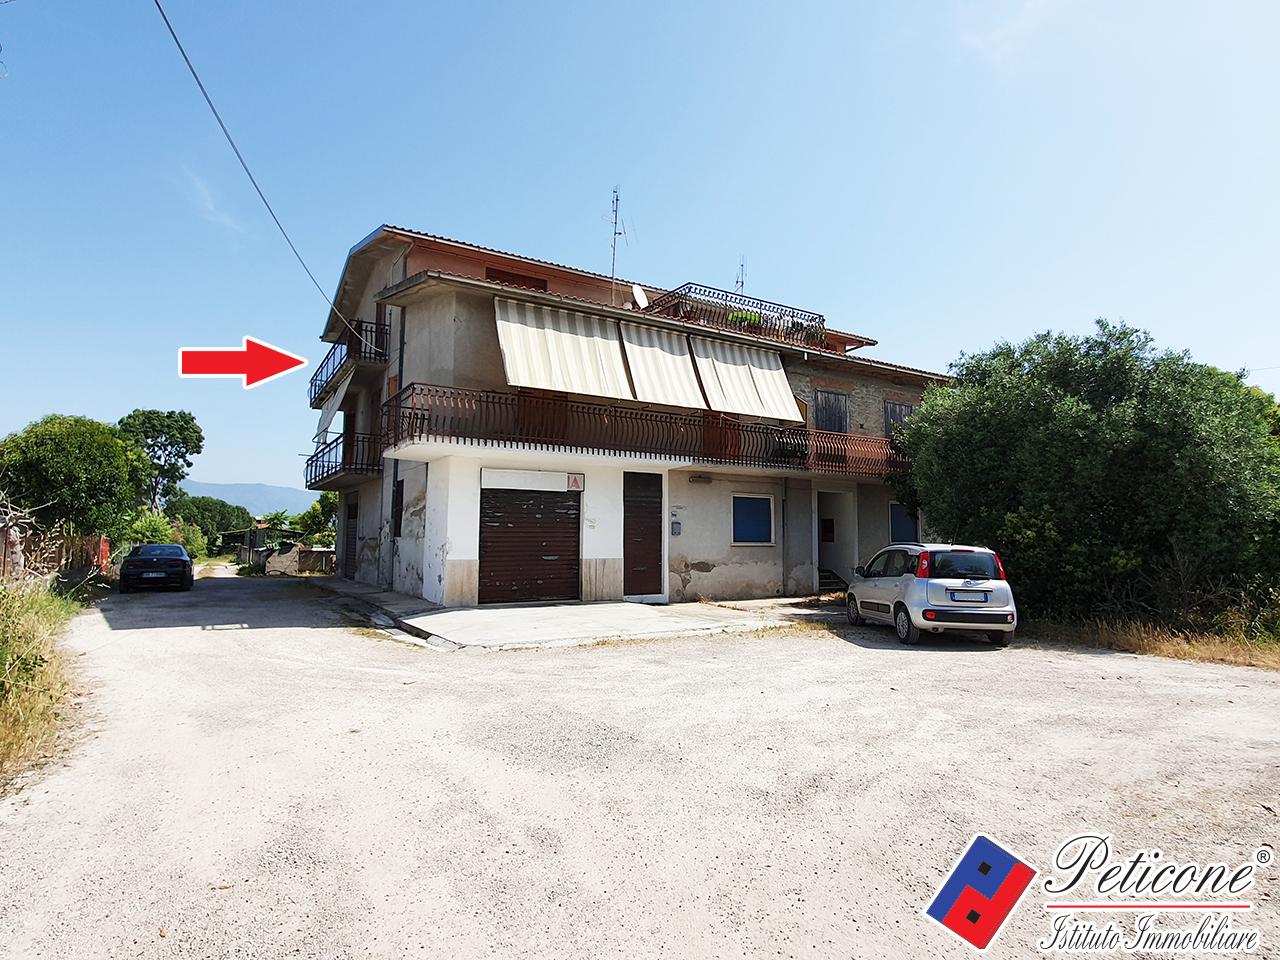 Appartamento in vendita a Fondi, 4 locali, zona Località: SelvaVetere, prezzo € 120.000 | PortaleAgenzieImmobiliari.it